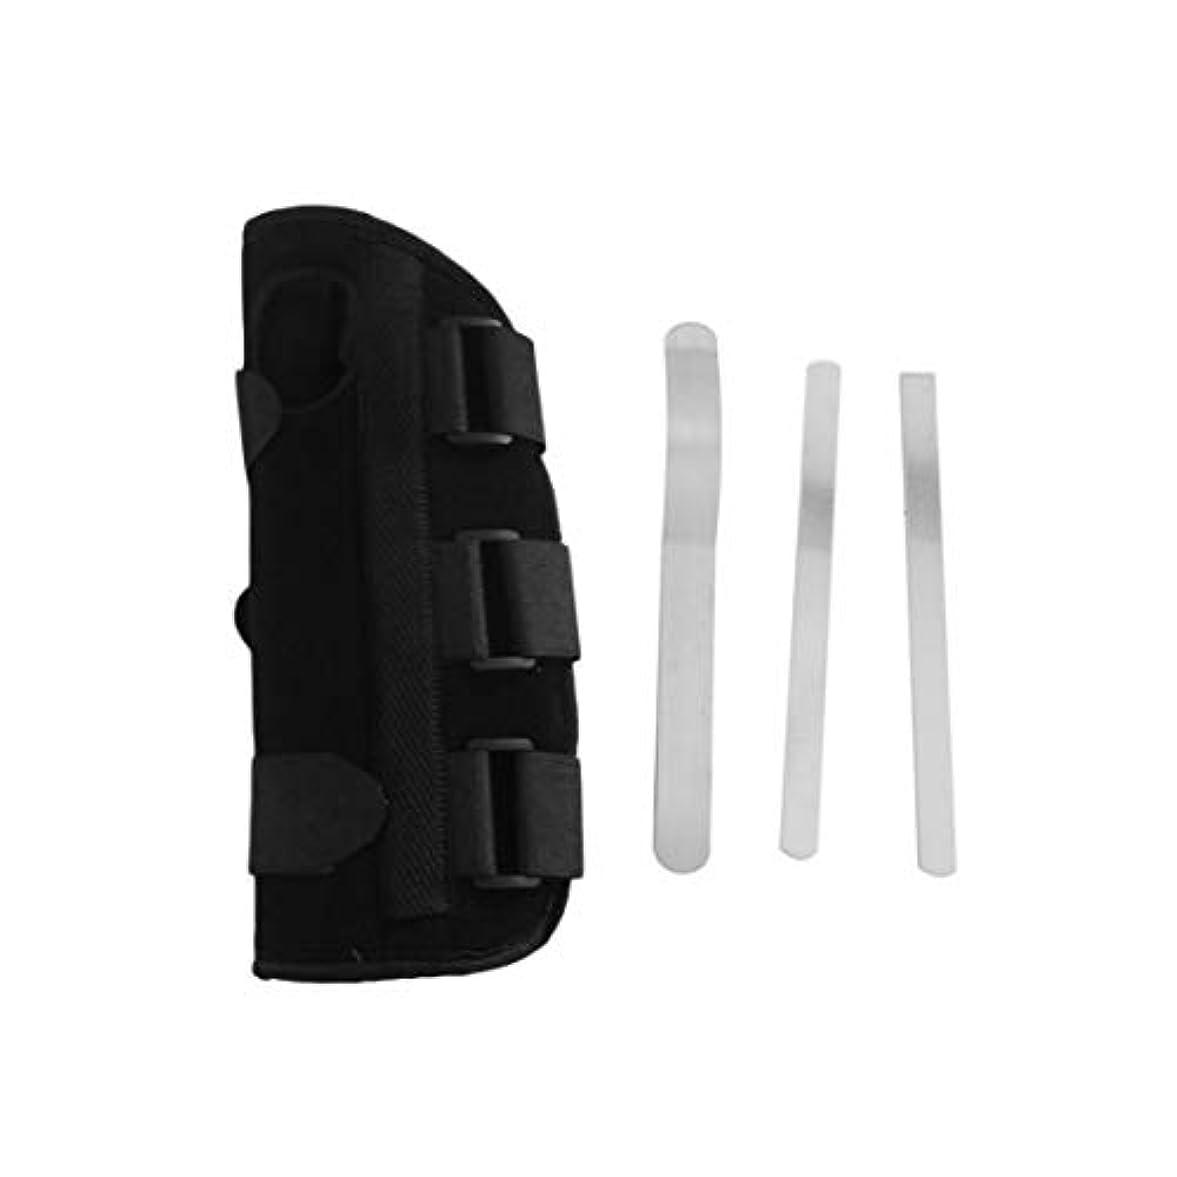 からかう支配的ゆでる手首副木ブレース保護サポートストラップカルペルトンネルCTS RSI痛み軽減リムーバブル副木快適な軽量ストラップ - ブラックM